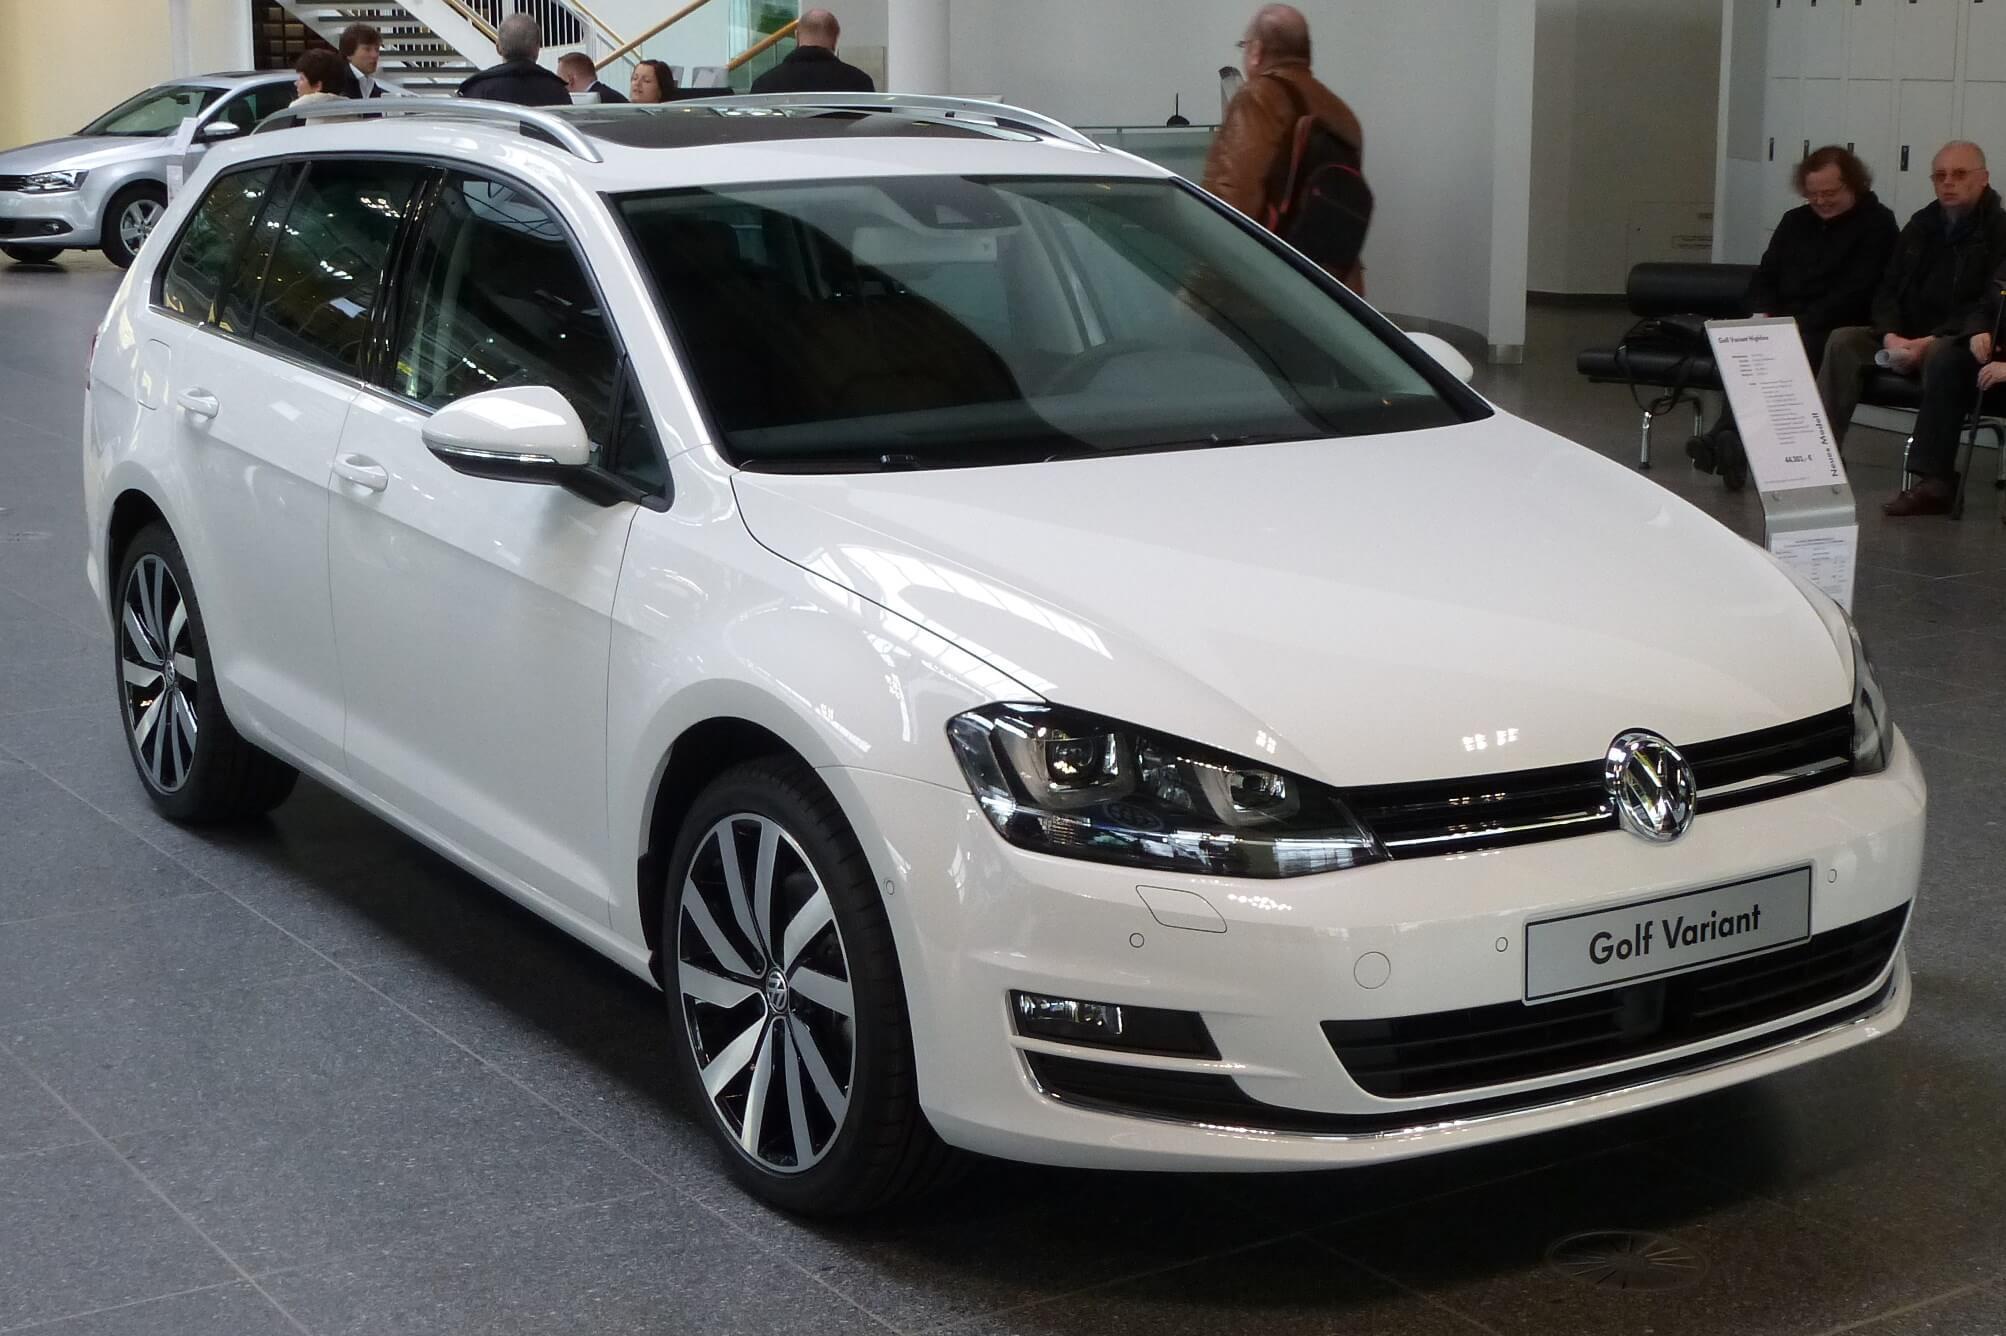 teto solar panorâmico - Volkswagen Golf Variant Comfortline – R$ 103.220